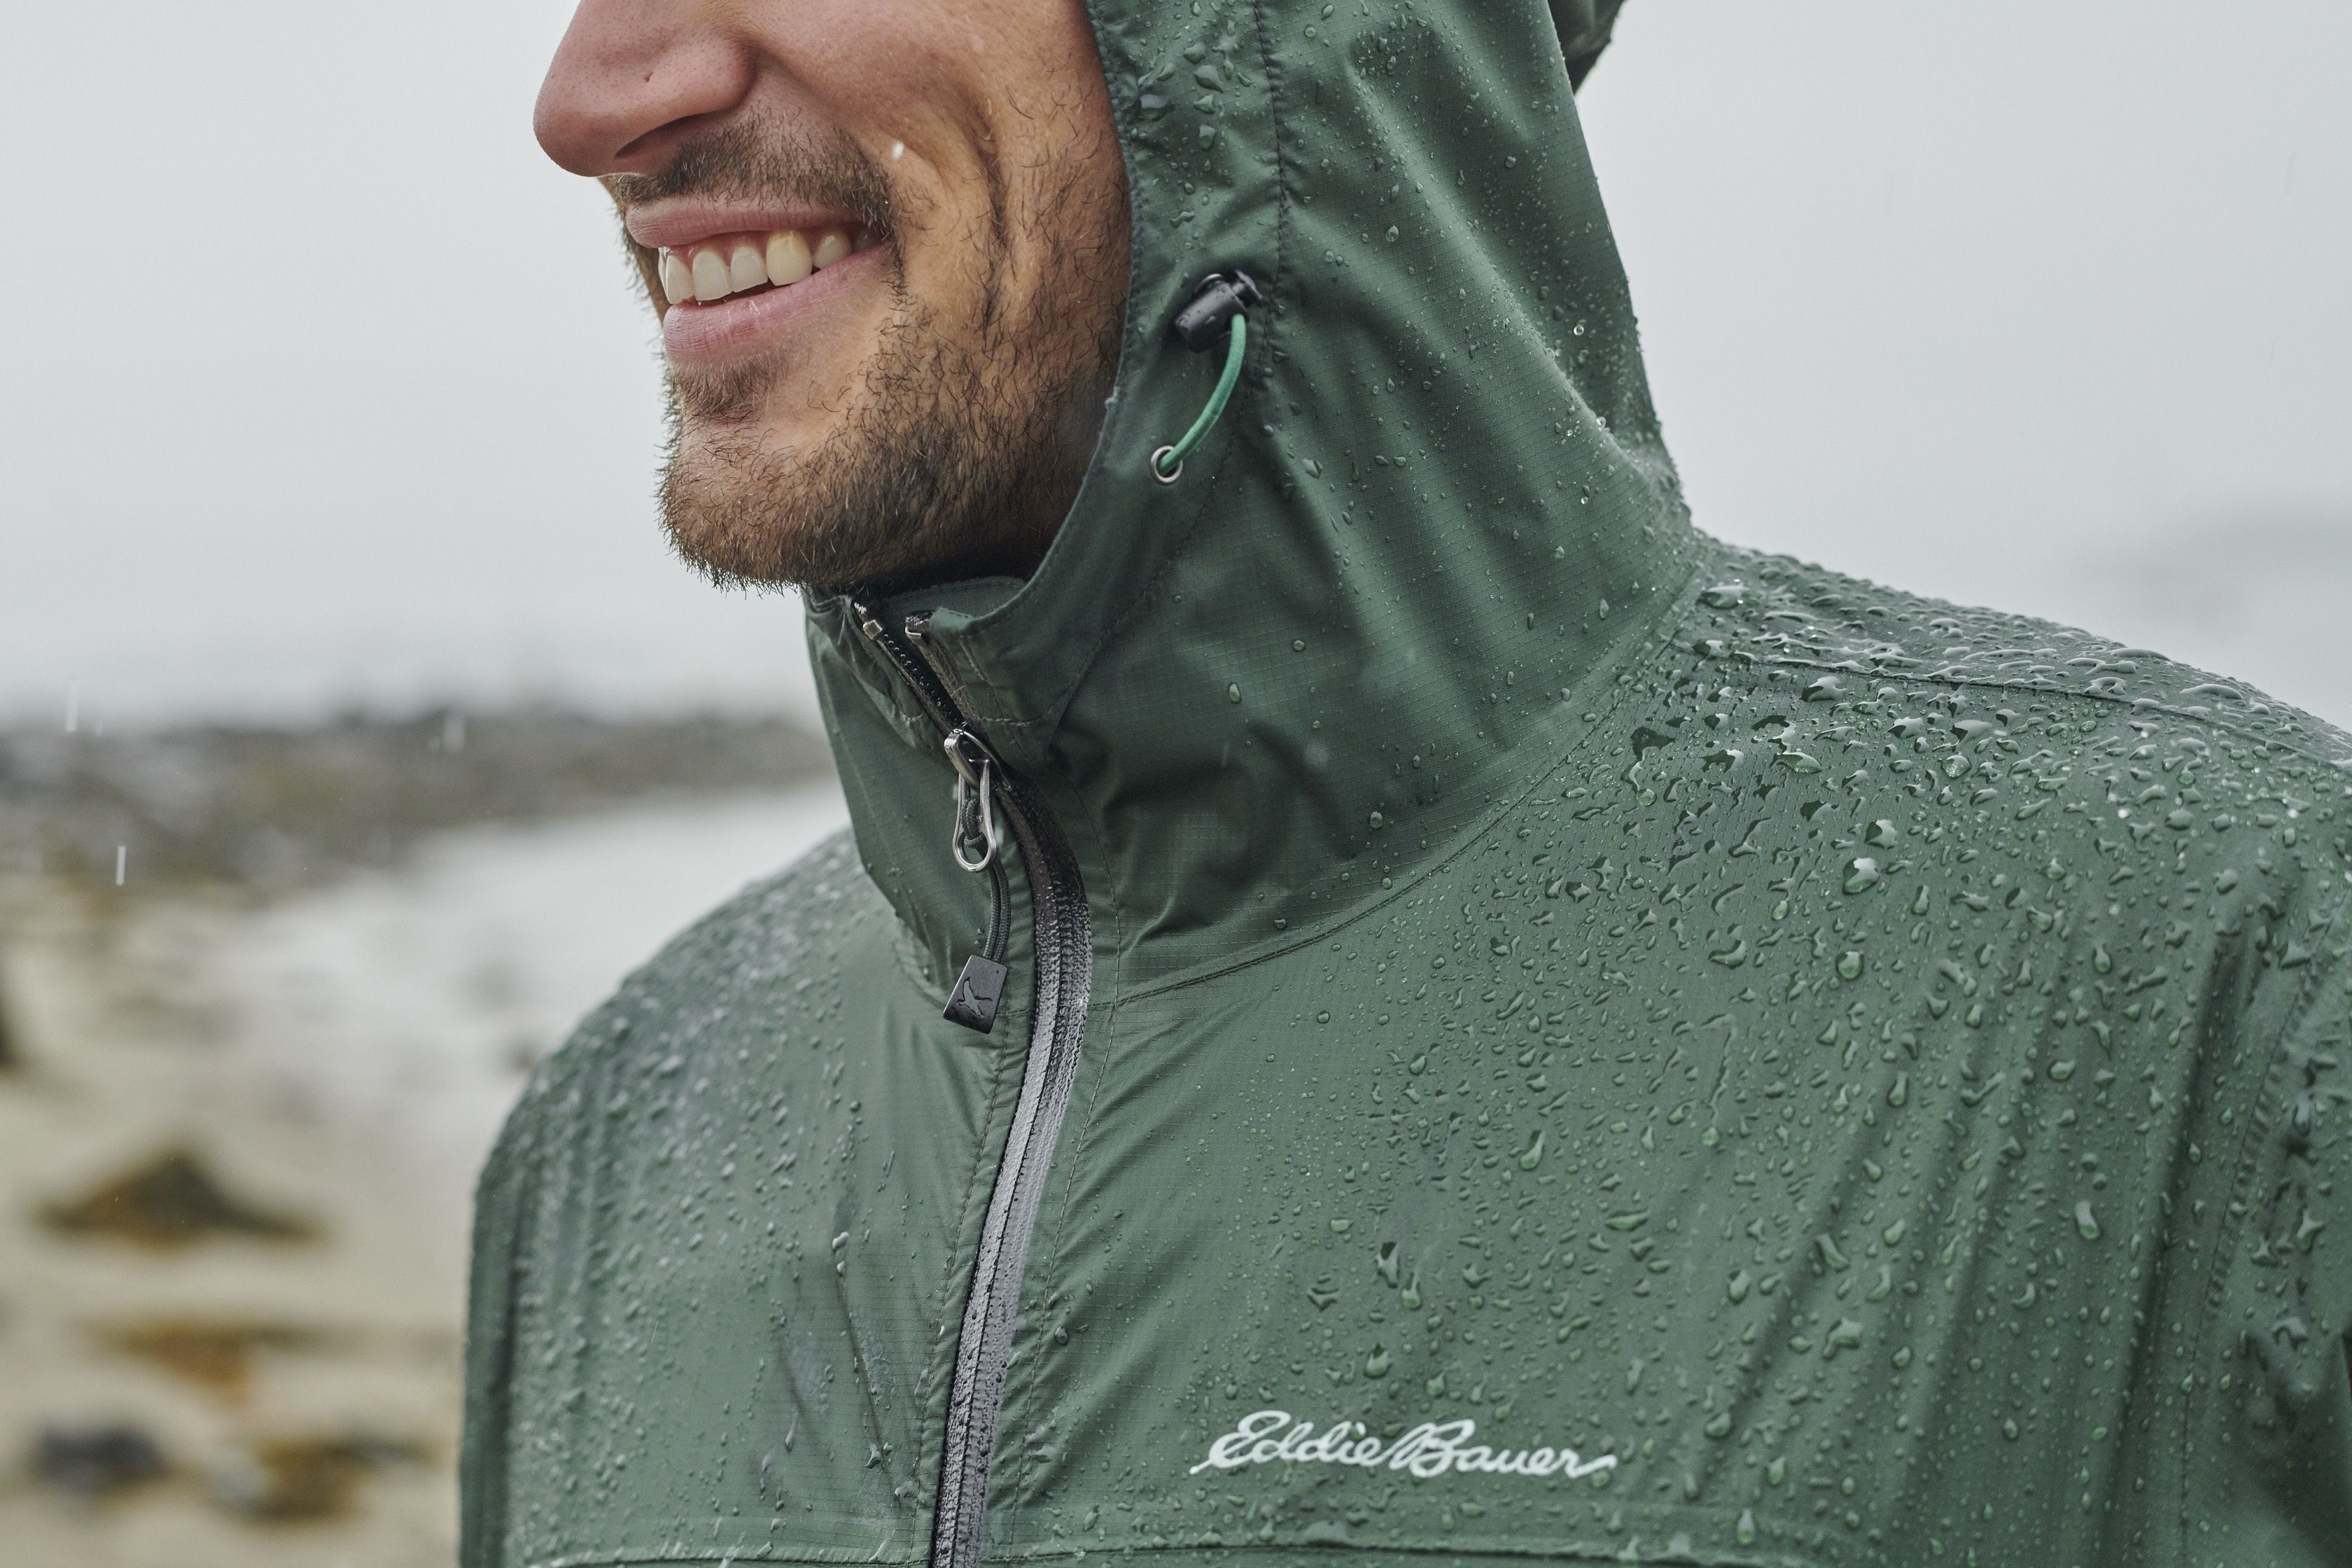 Cloud Cap Lightweight Rain Jacket Lightweight Rain Jacket Rain Jacket Jackets [ 2240 x 3360 Pixel ]